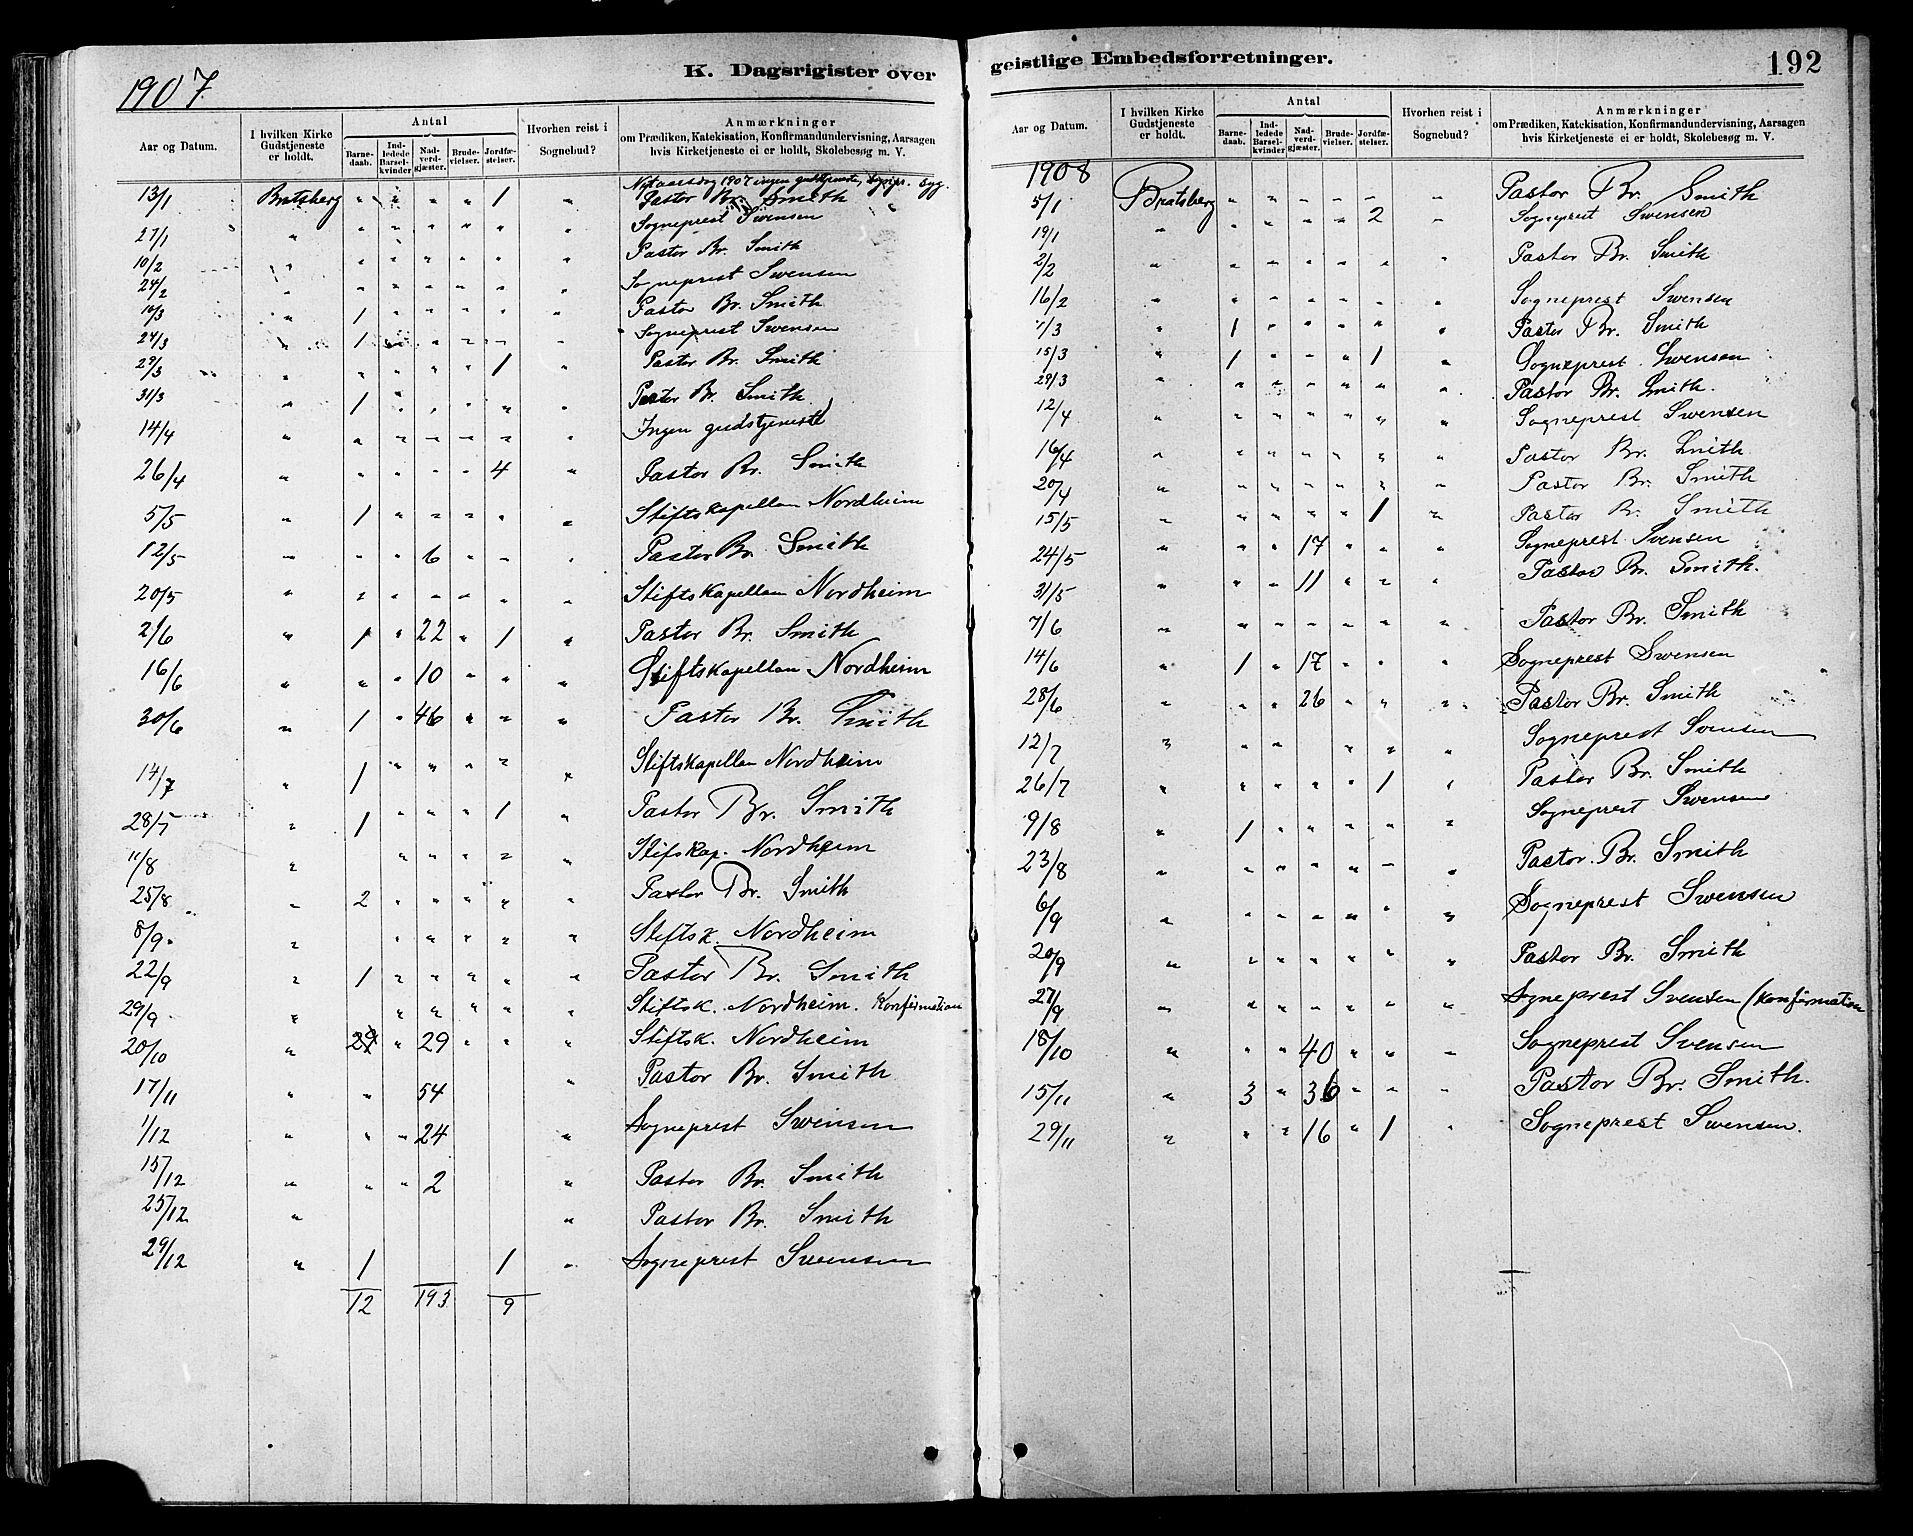 SAT, Ministerialprotokoller, klokkerbøker og fødselsregistre - Sør-Trøndelag, 608/L0341: Klokkerbok nr. 608C07, 1890-1912, s. 192